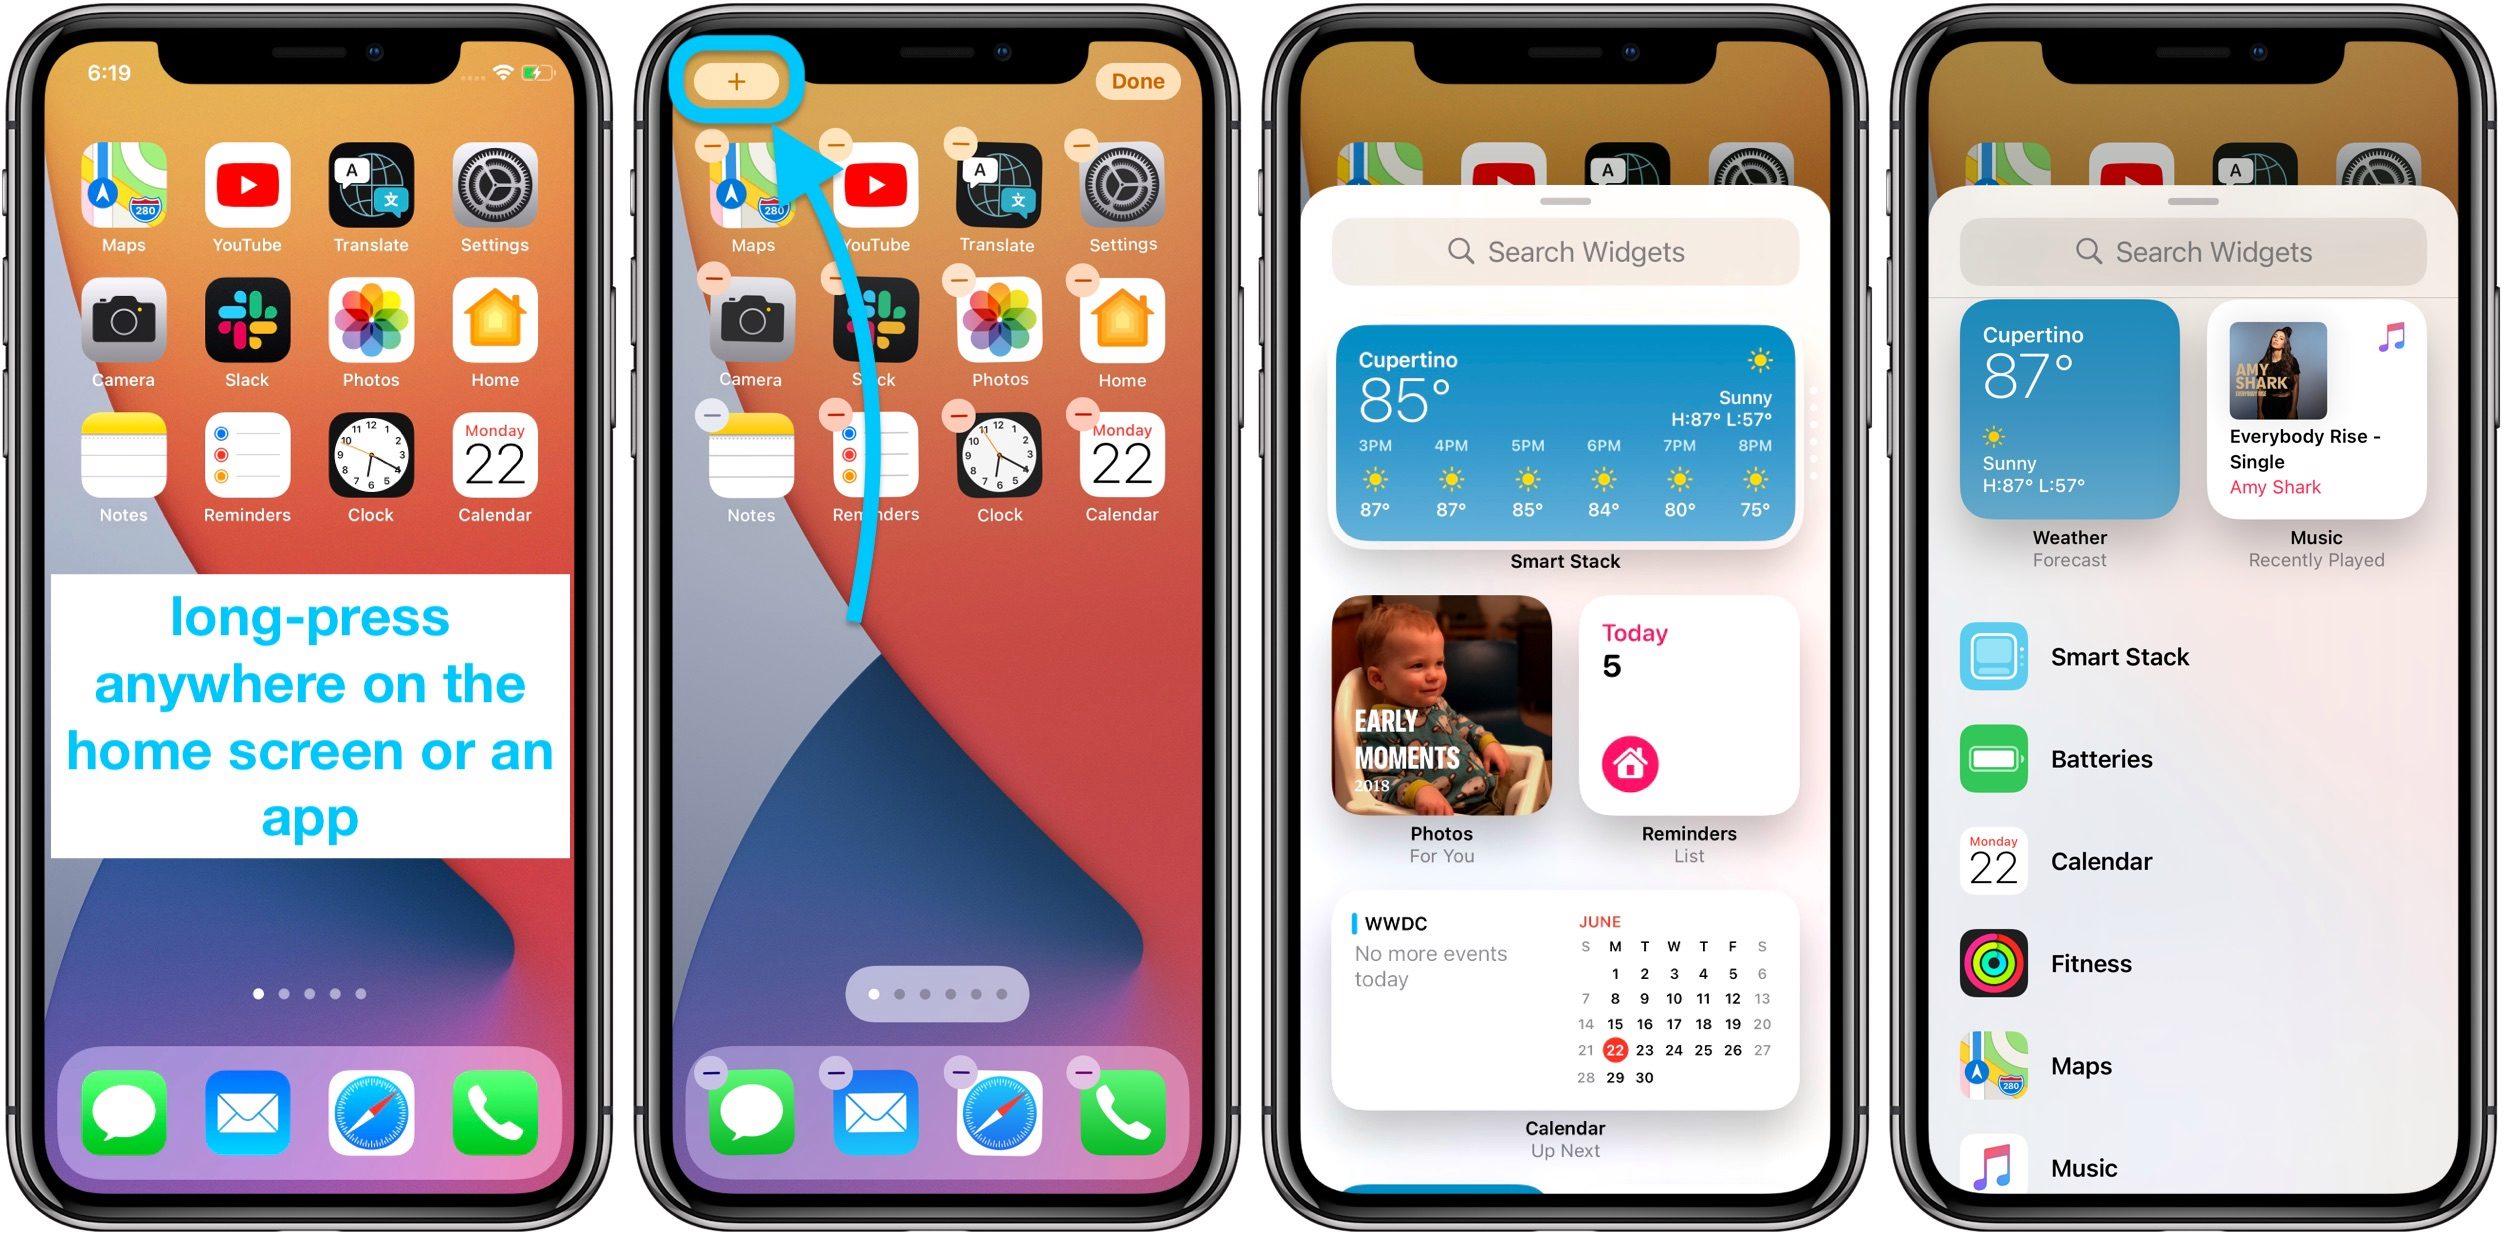 """<span href=""""https://9to5mac.com/2020/06/22/how-to-use-iphone-home-screen-widgets-ios-14/"""">Aquí es cómo utilizar la nueva pantalla de inicio del iPhone widgets en iOS 14</a>"""